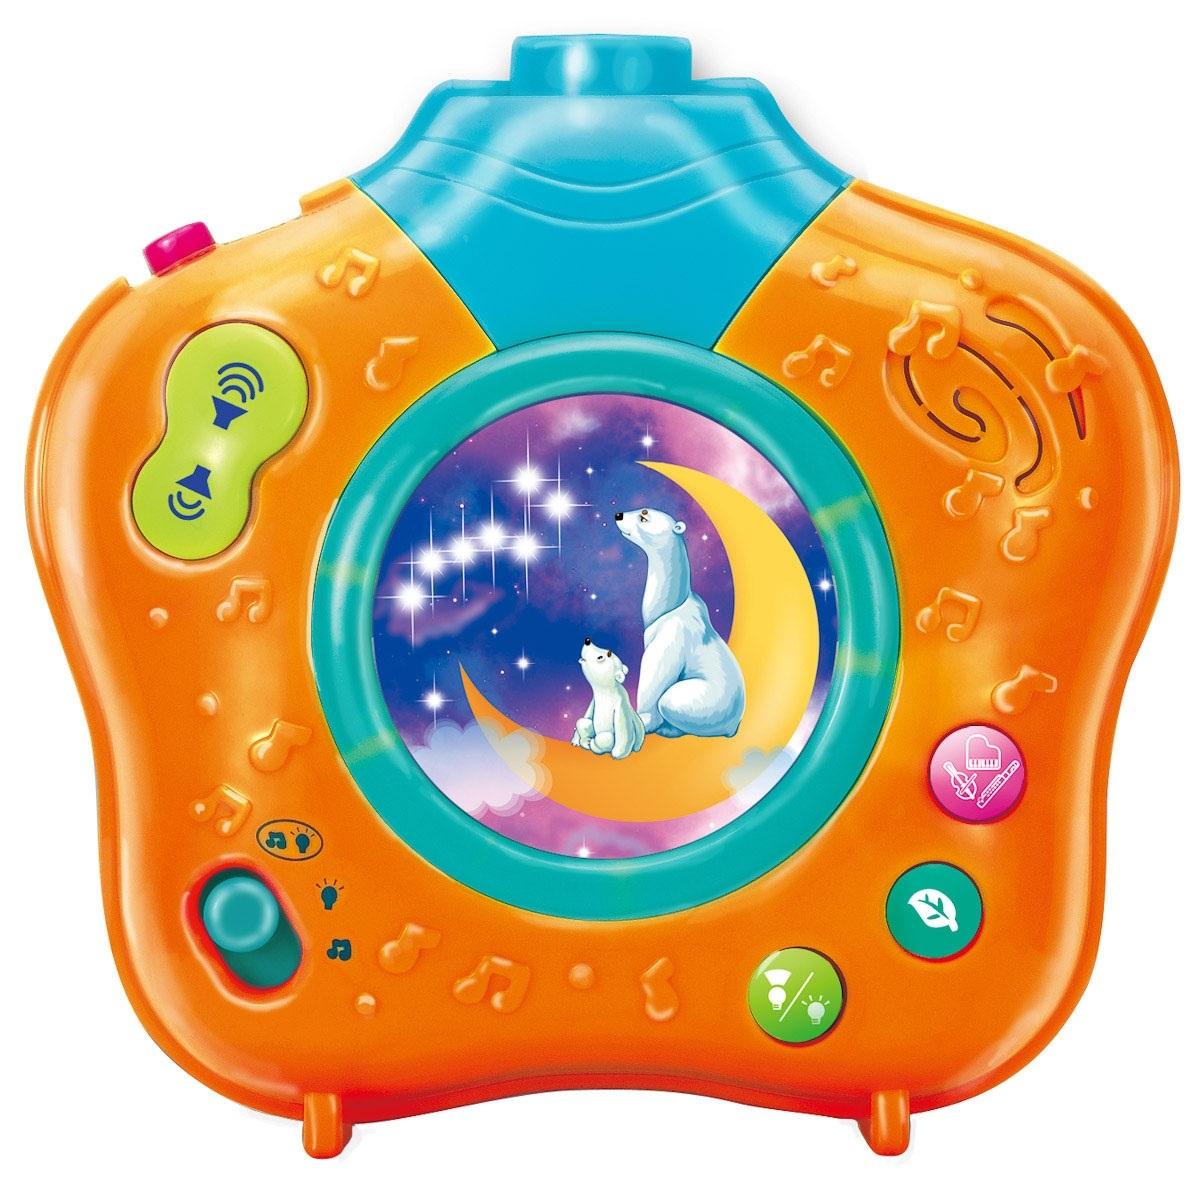 Музыкальный Ночник-проектор Волшебный мирМузыкальные ночники и проекторы<br>Музыкальный Ночник-проектор Волшебный мир<br>